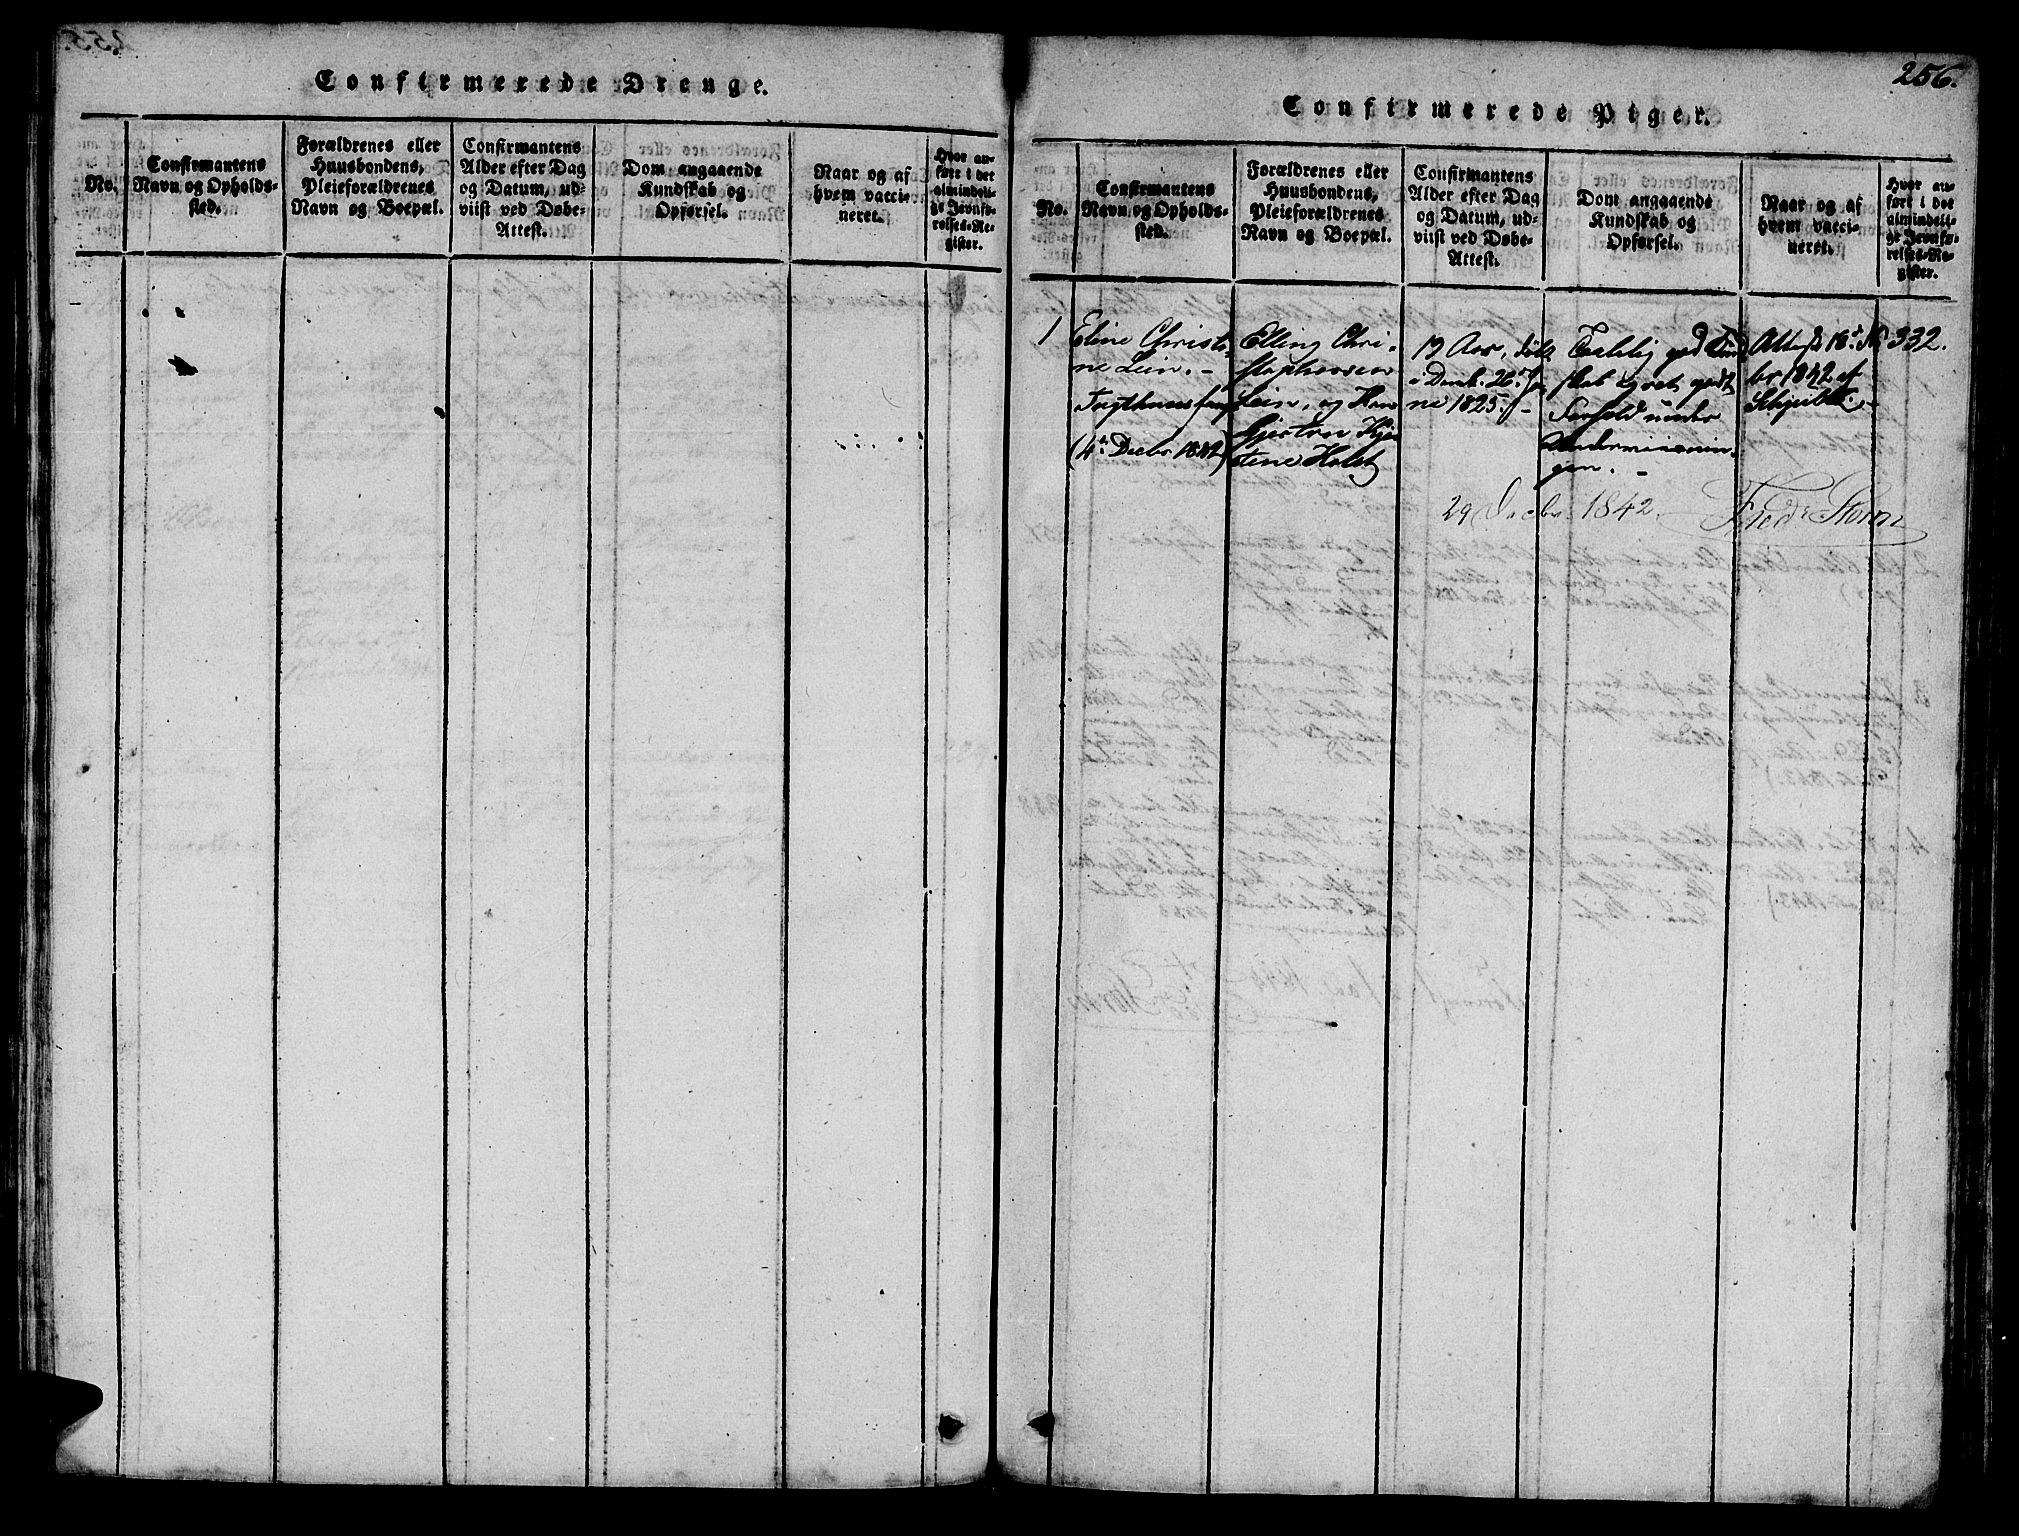 SAT, Ministerialprotokoller, klokkerbøker og fødselsregistre - Sør-Trøndelag, 623/L0478: Klokkerbok nr. 623C01, 1815-1873, s. 256